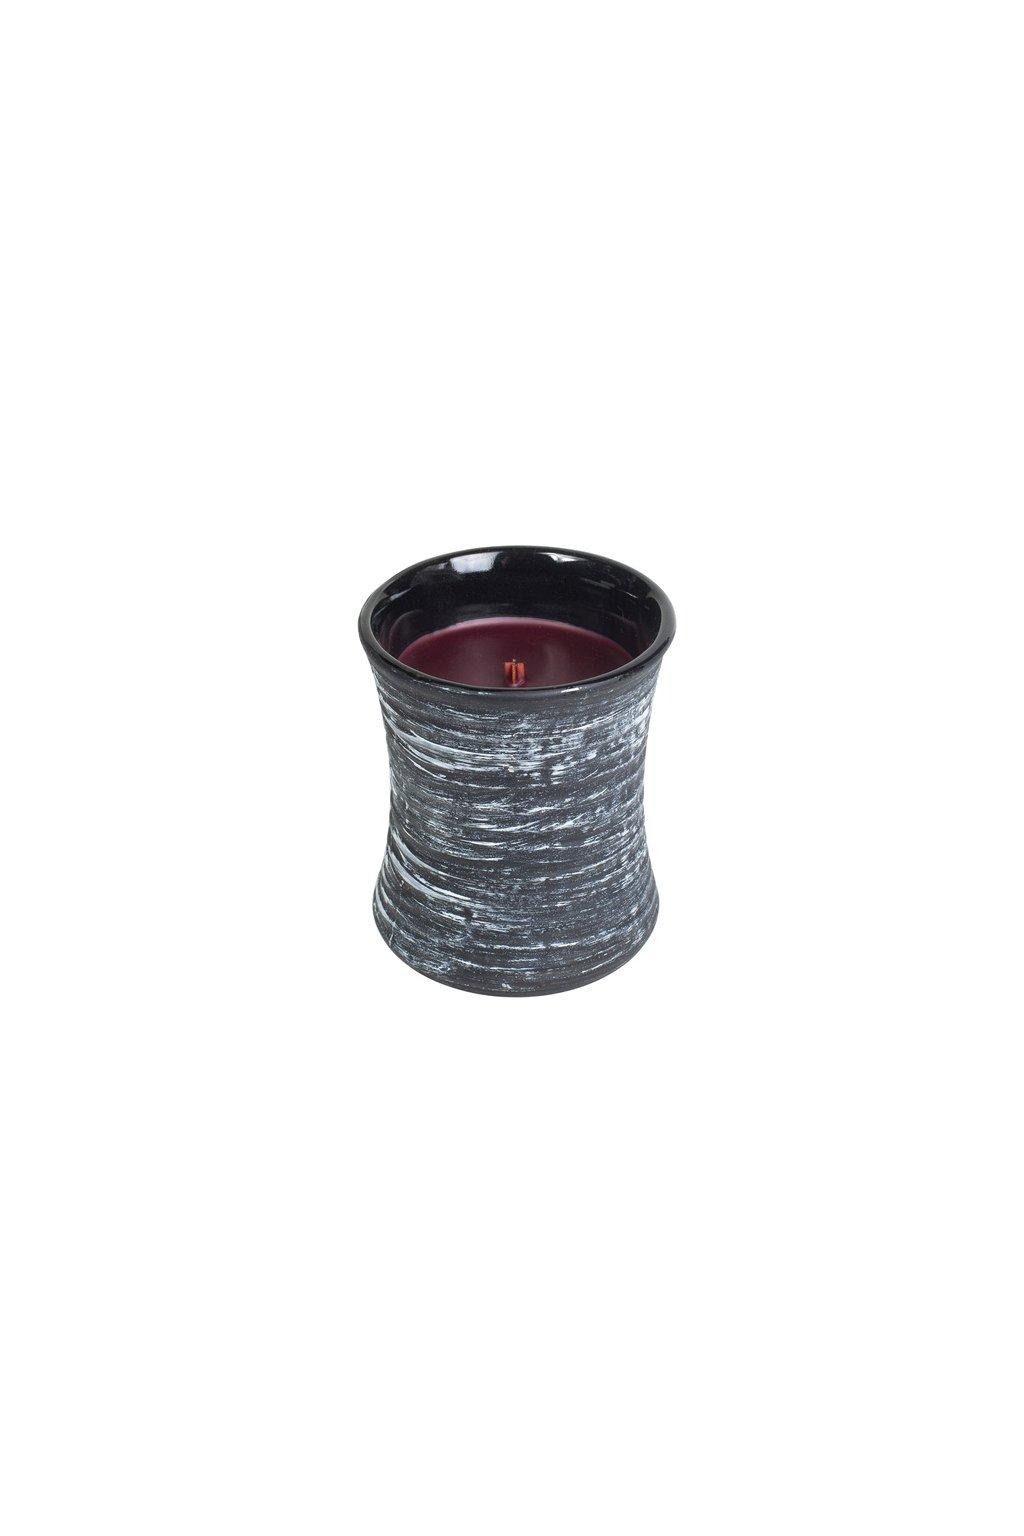 WoodWick Black Cherry Dekorativní Váza 133g